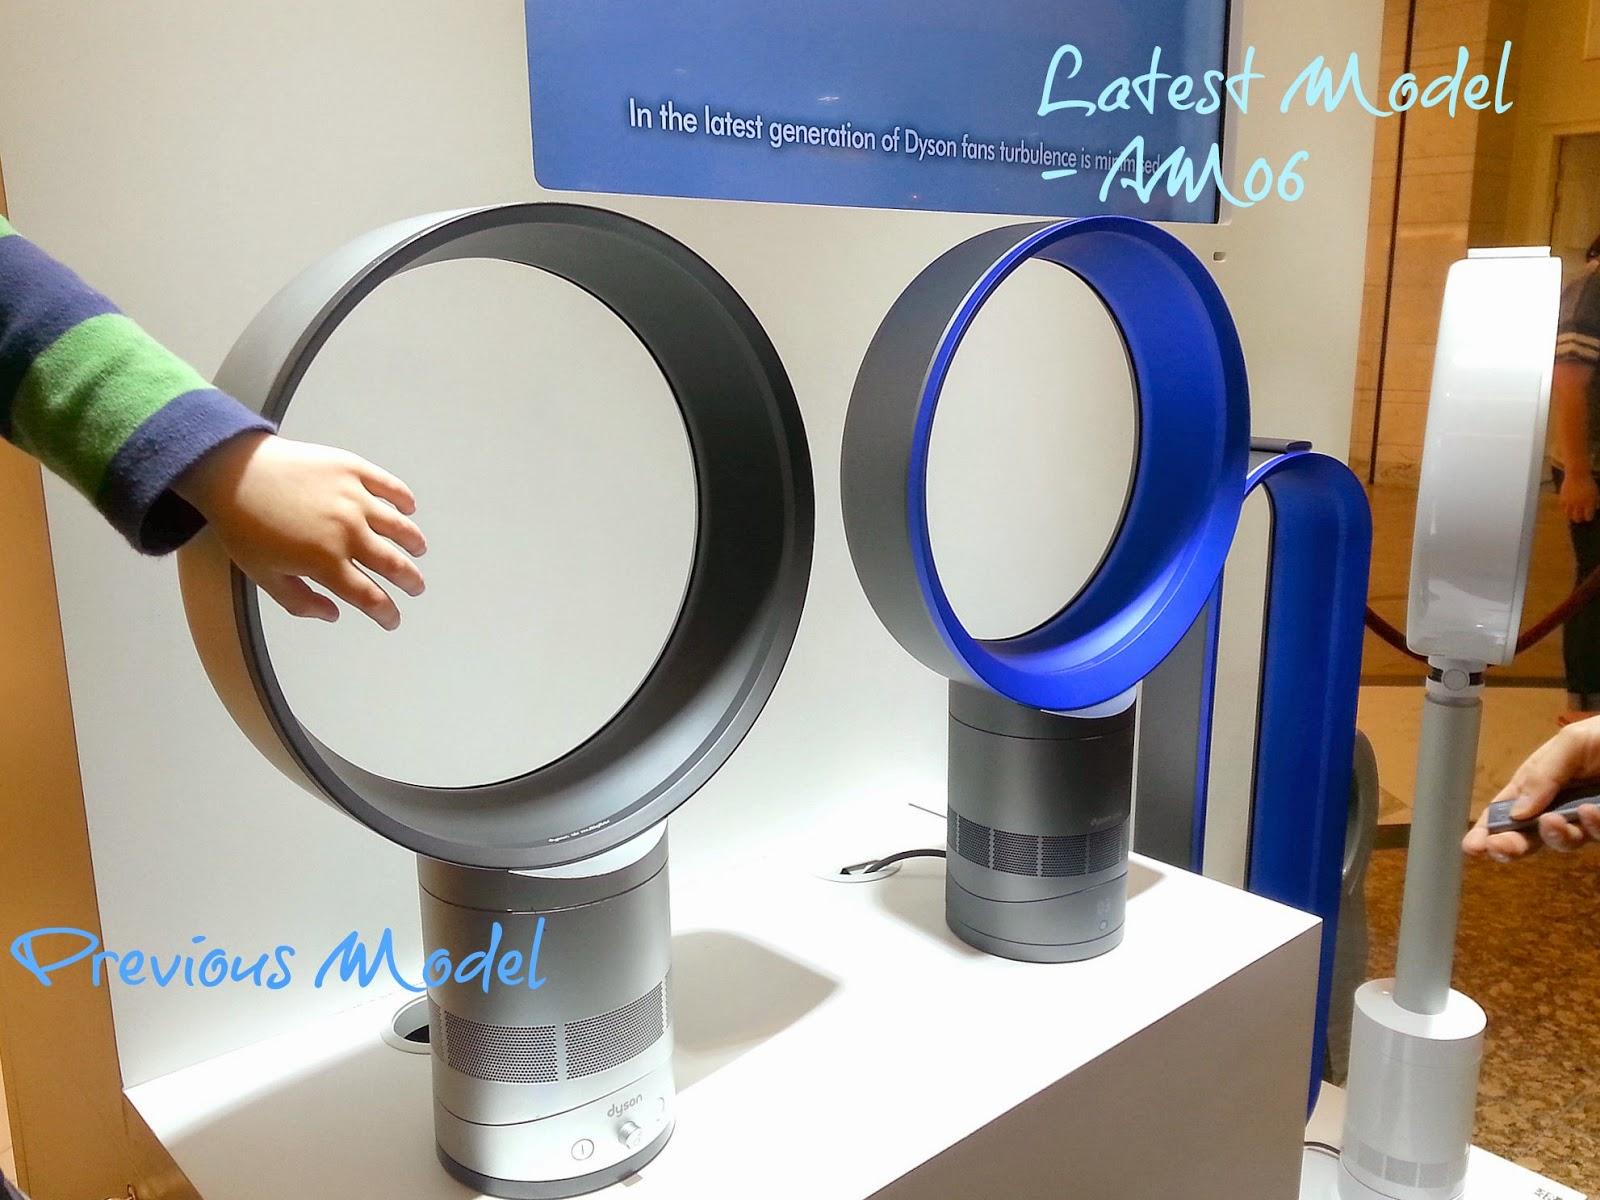 Dyson Cooling Fan, Bladeless Fan, Dyson AM06